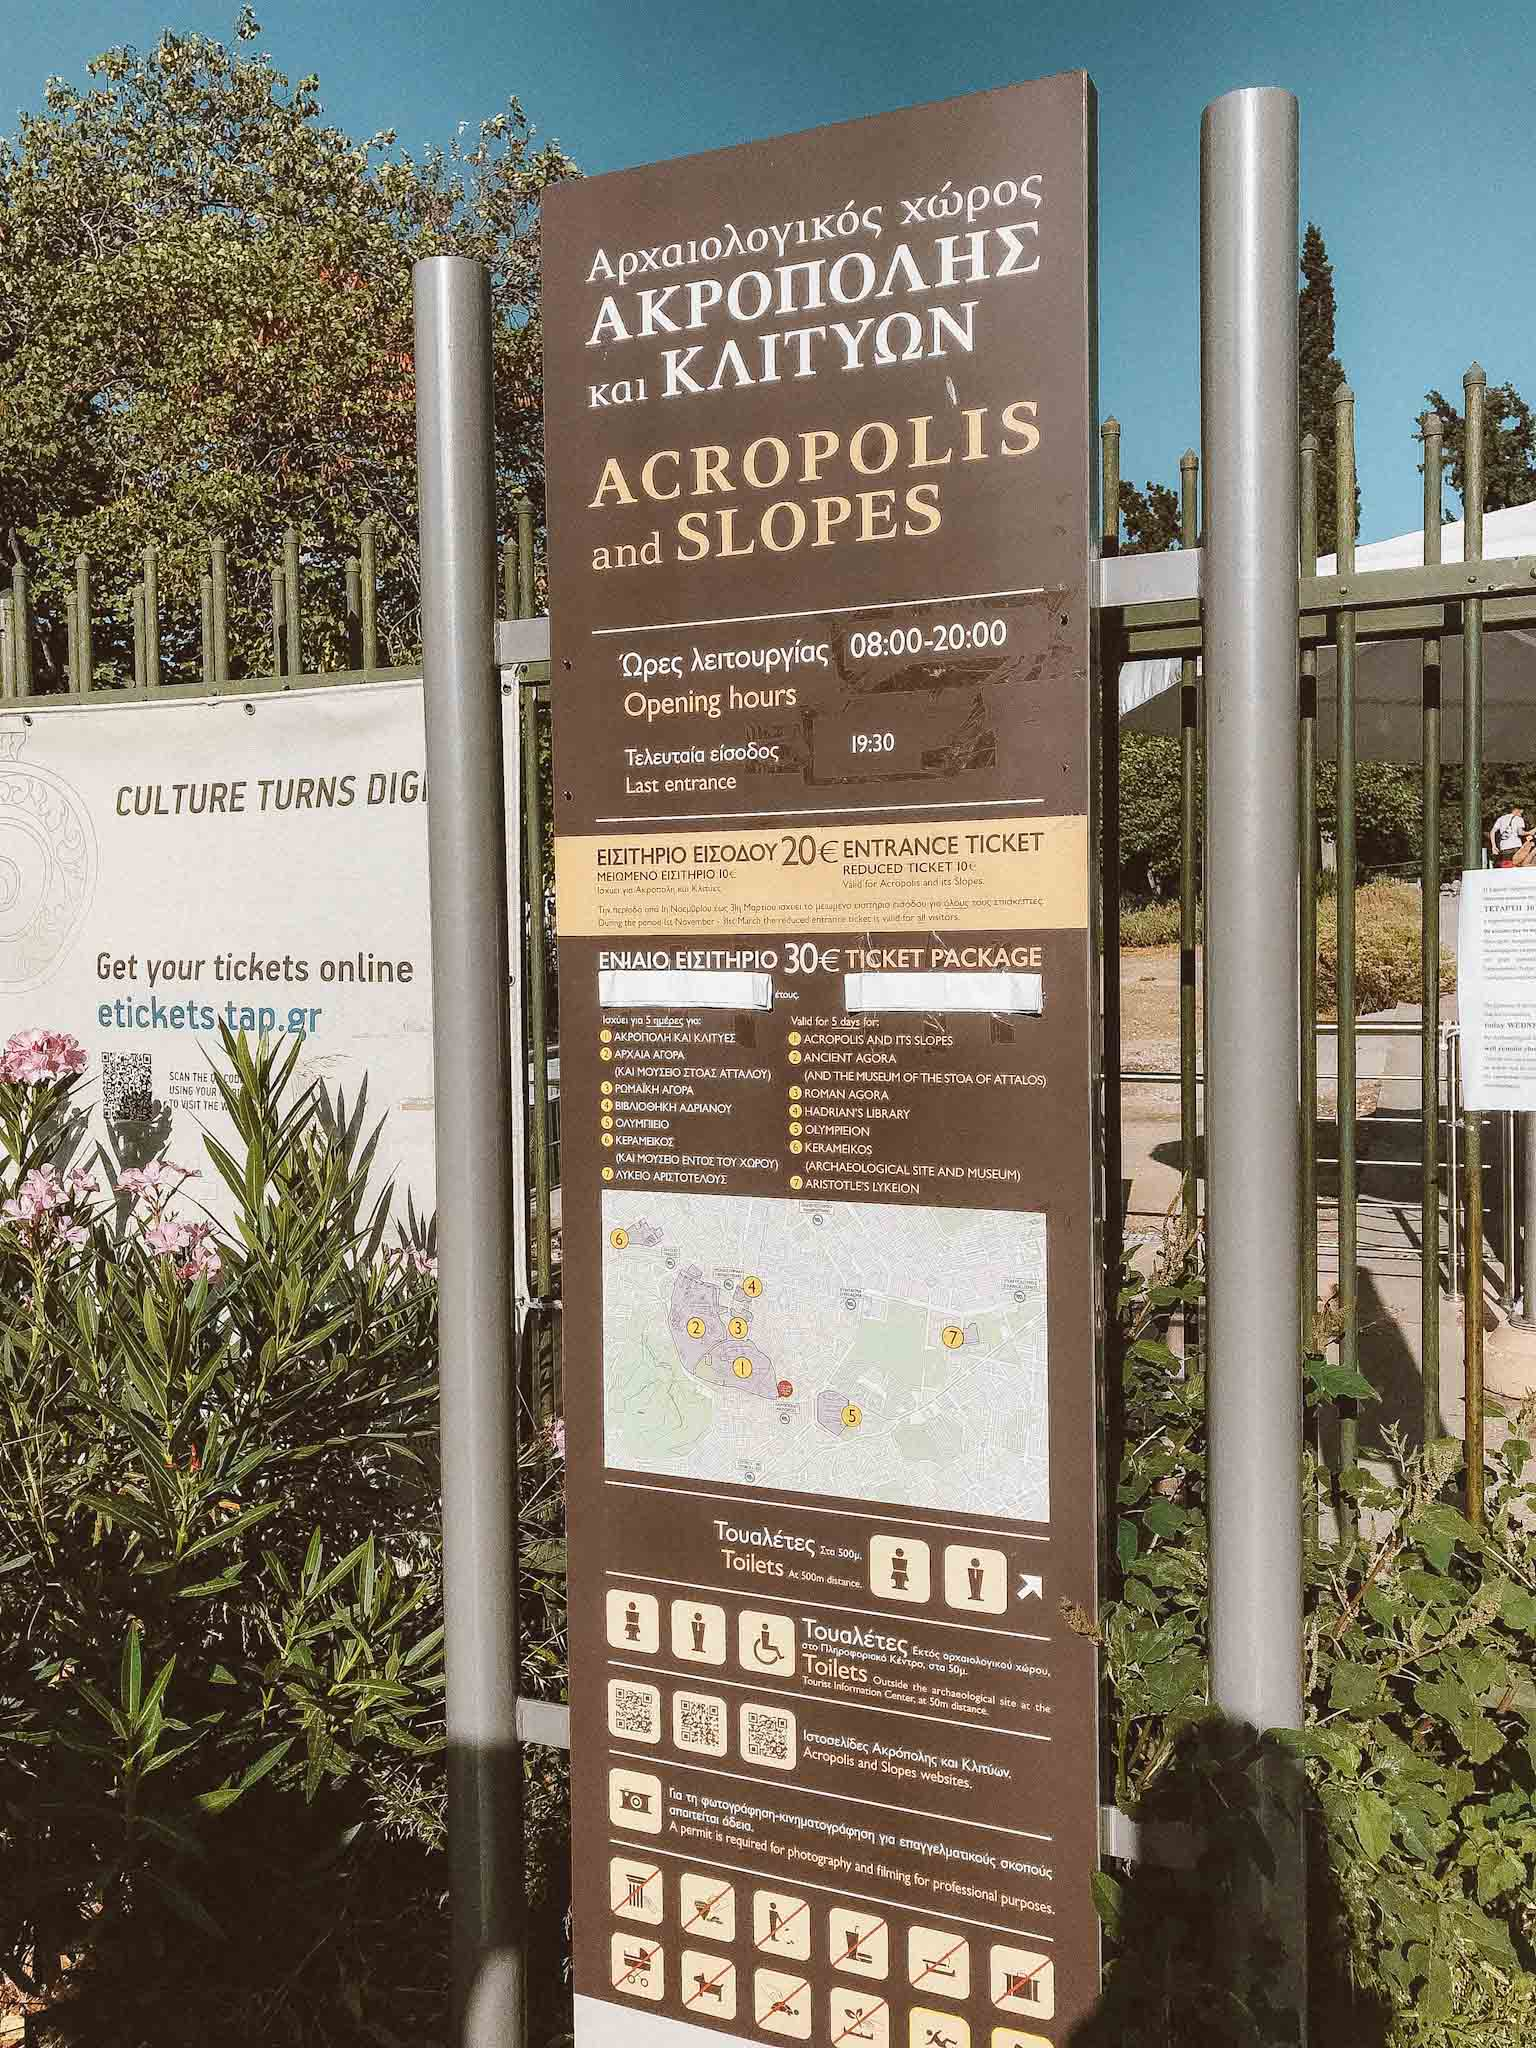 entrada-acropole-atenas.jpg